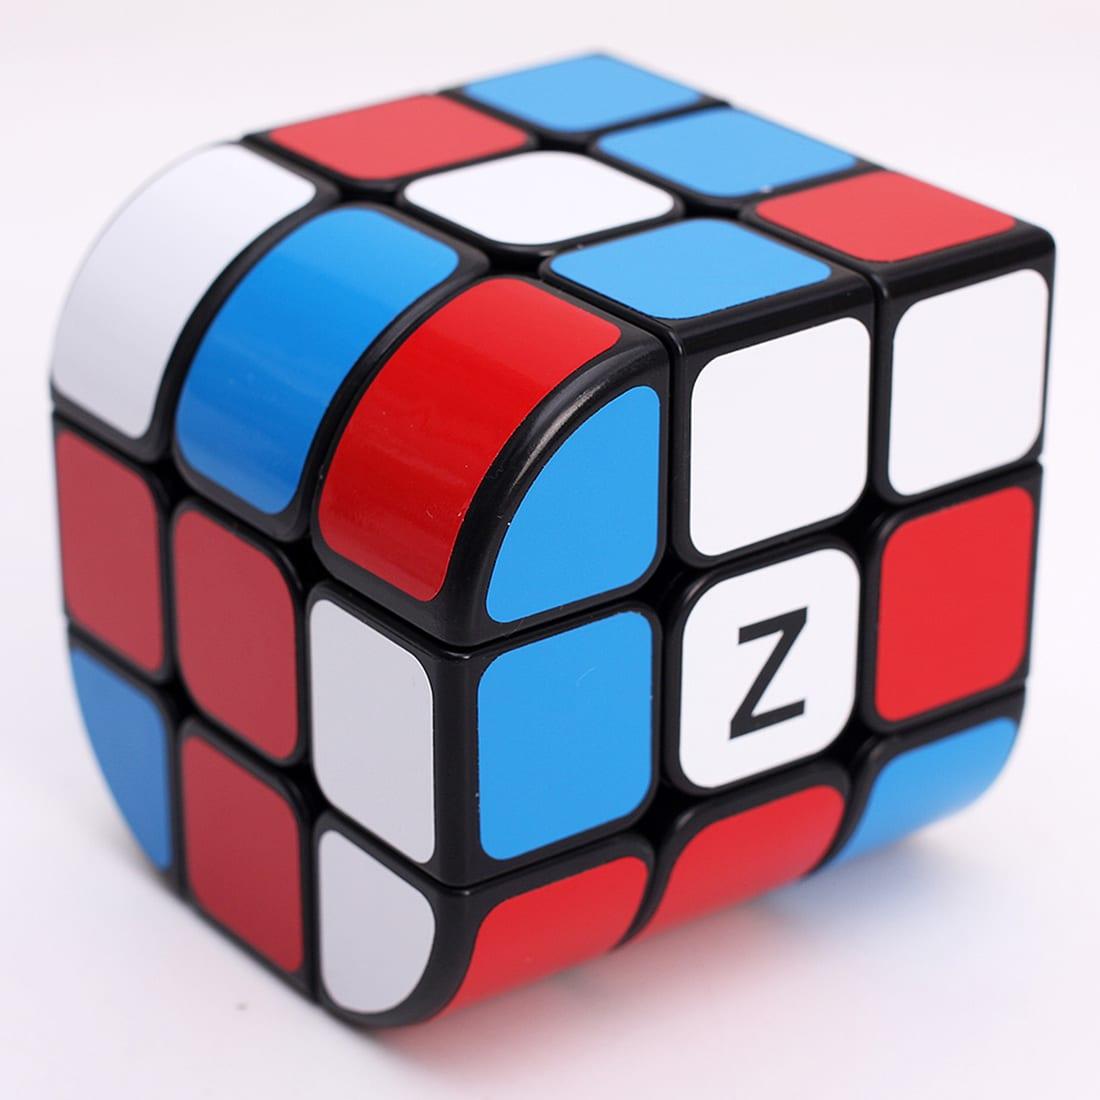 Куб Пенроуза Z-CUBE купить на Алиэкспресс